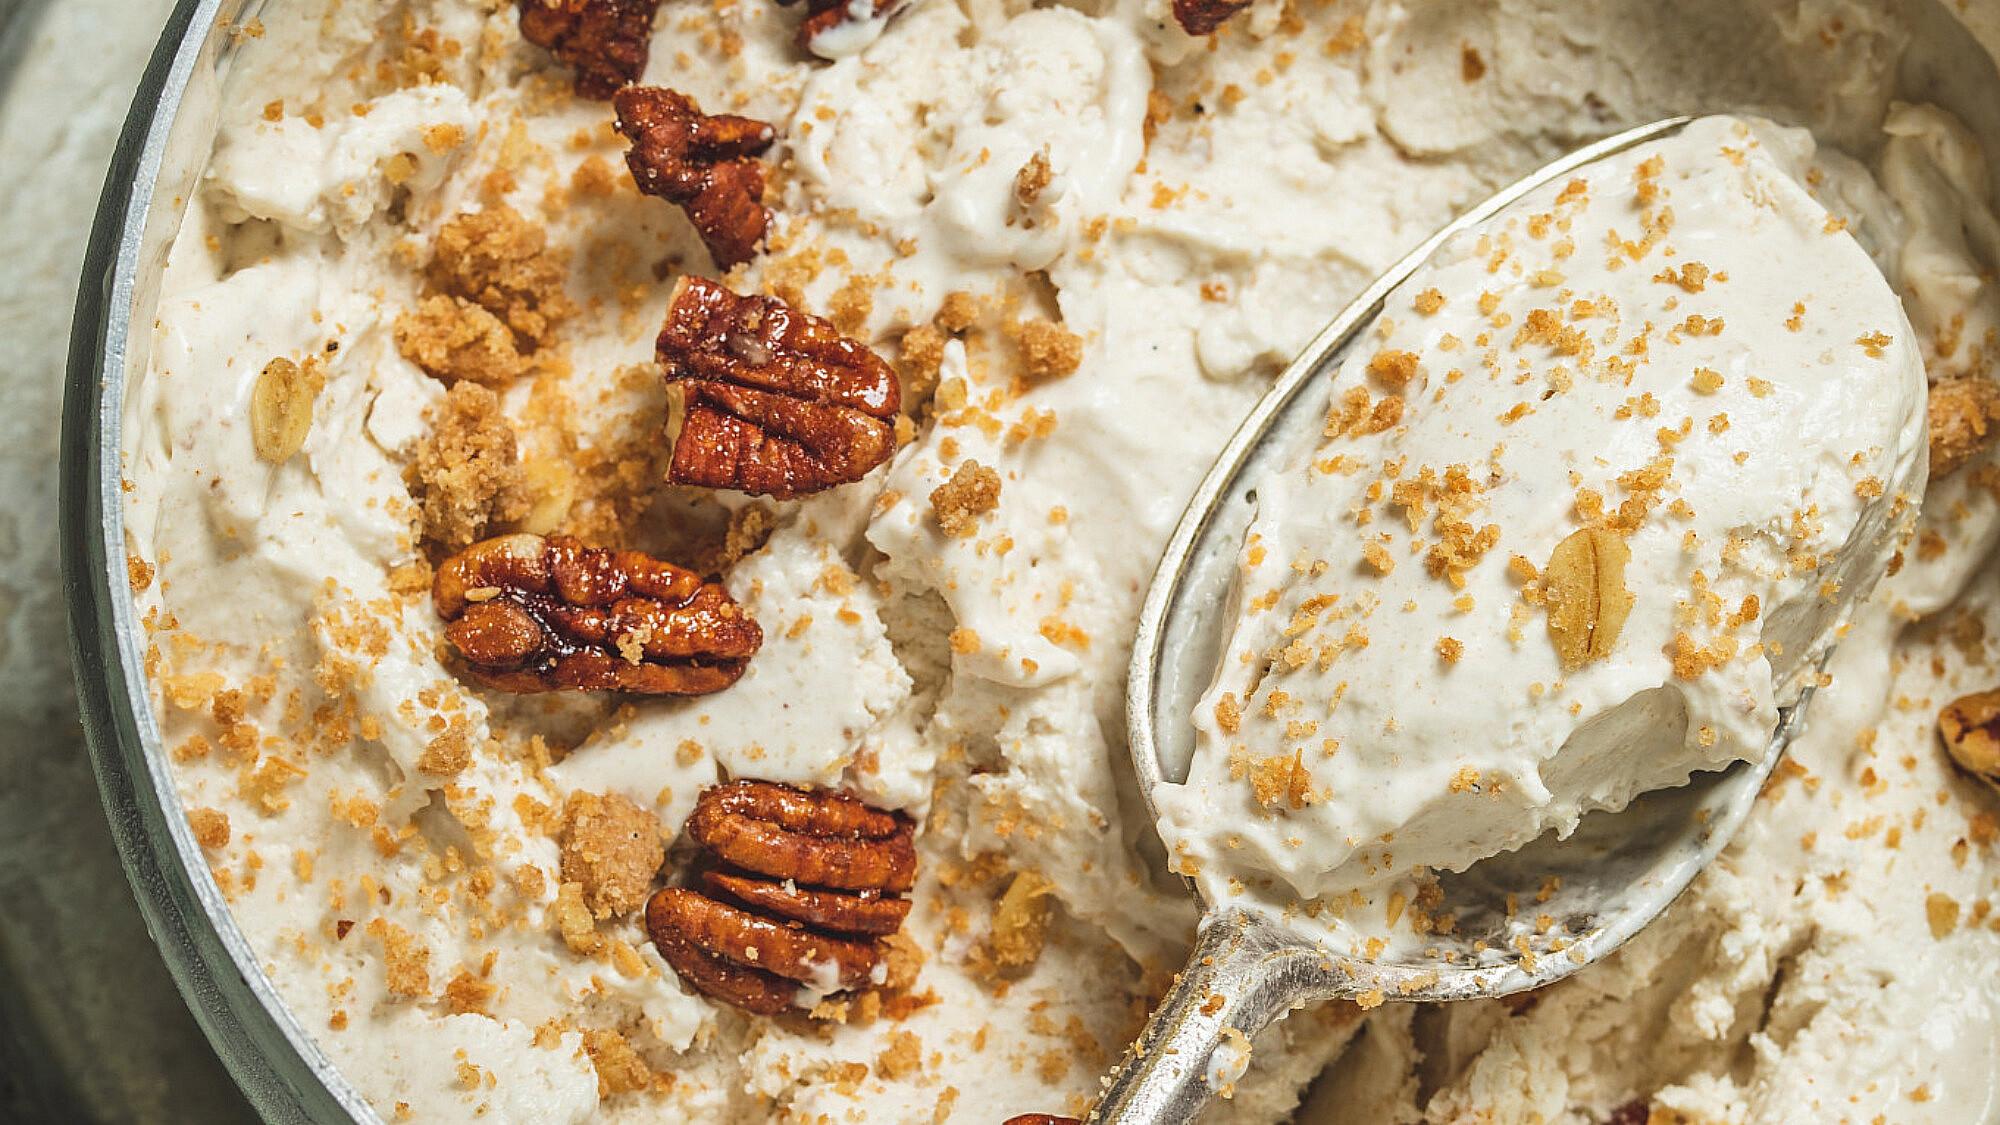 גלידת תמרים, תערובת אגוזים וקרמבל הל של רינת צדוק. צילום: שני בריל, סטיילינג: אינה גוטמן